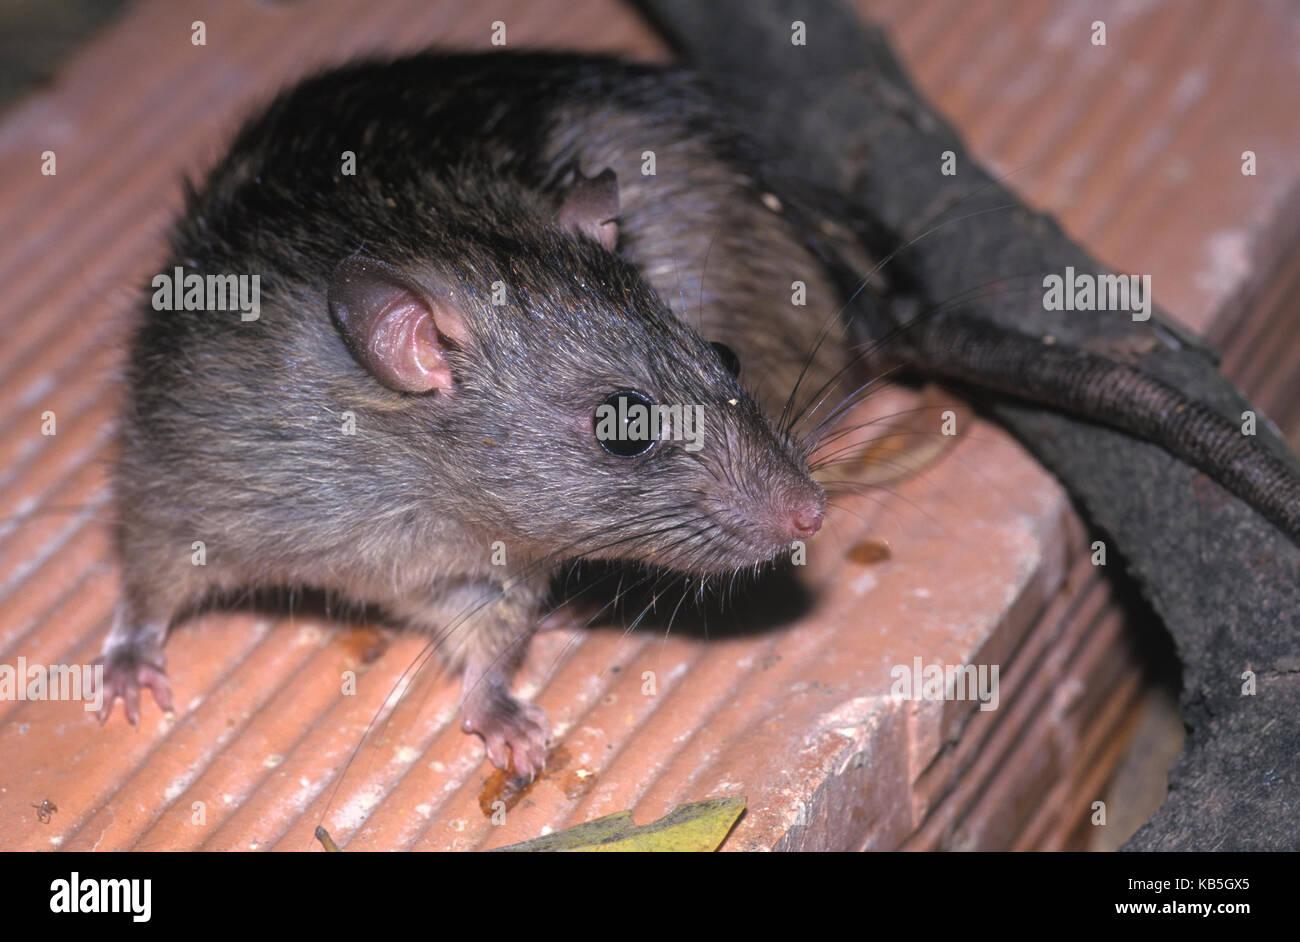 Nero, ratto Rattus rattus. In cerca di cibo nel mezzo del cestino. ratti servono come vettori di eccezionale per Immagini Stock